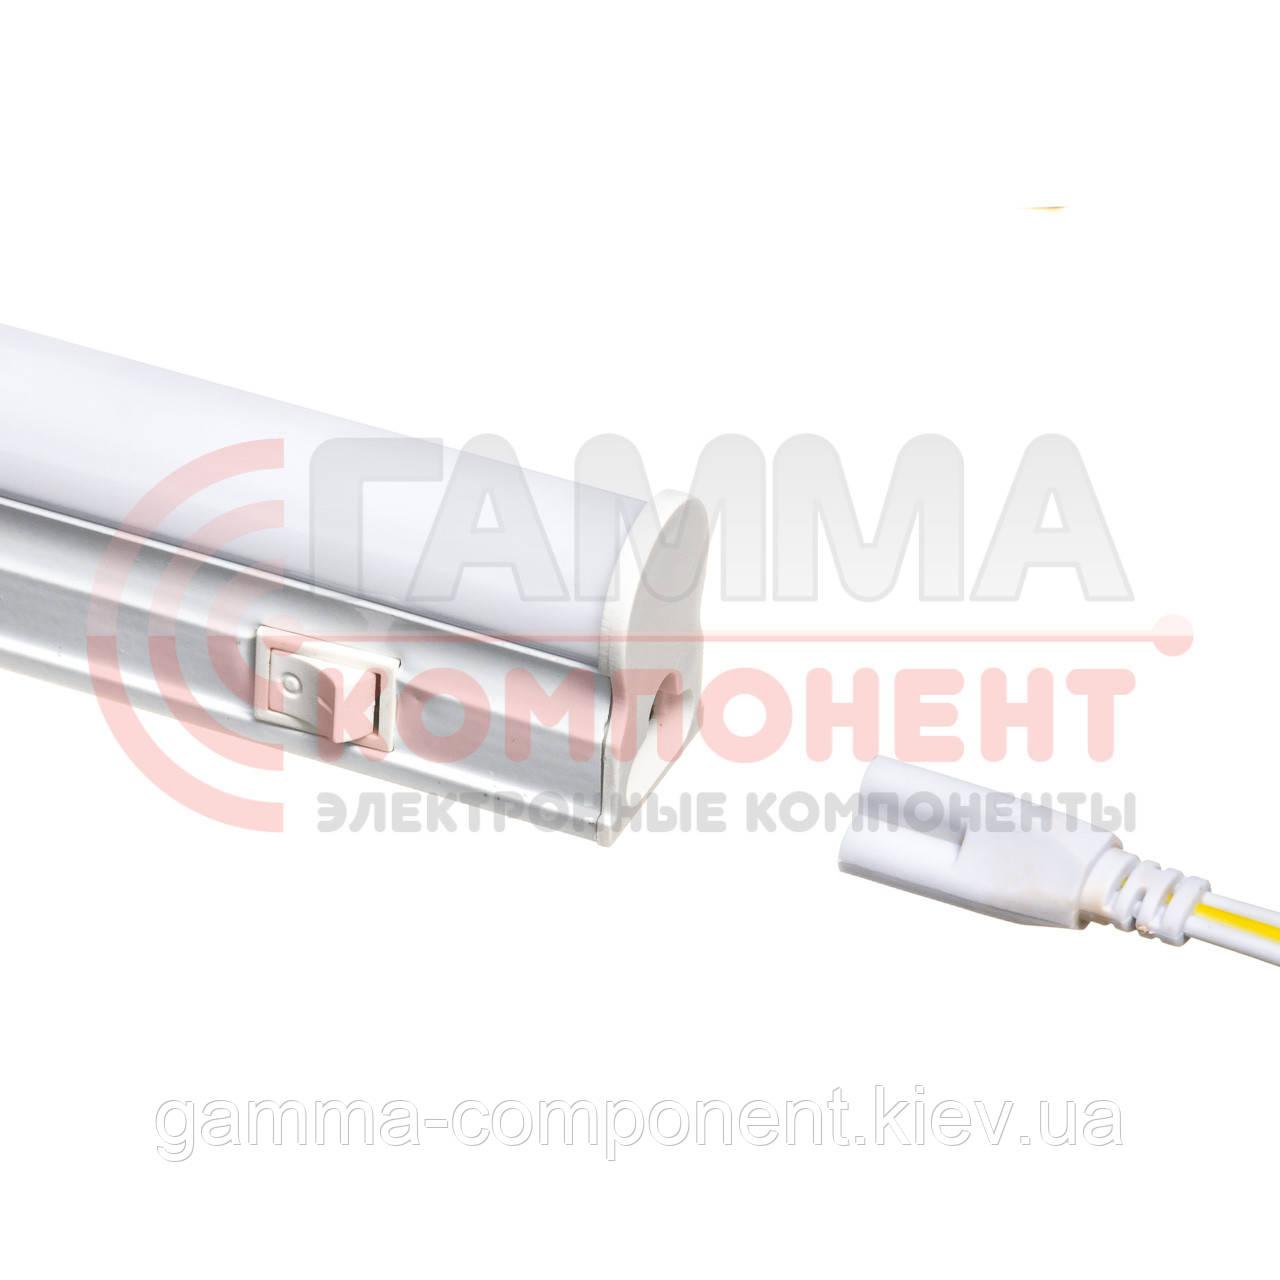 Светодиодный светильник Т5 линейный накладной 14Вт, нейтральный белый, 90 см